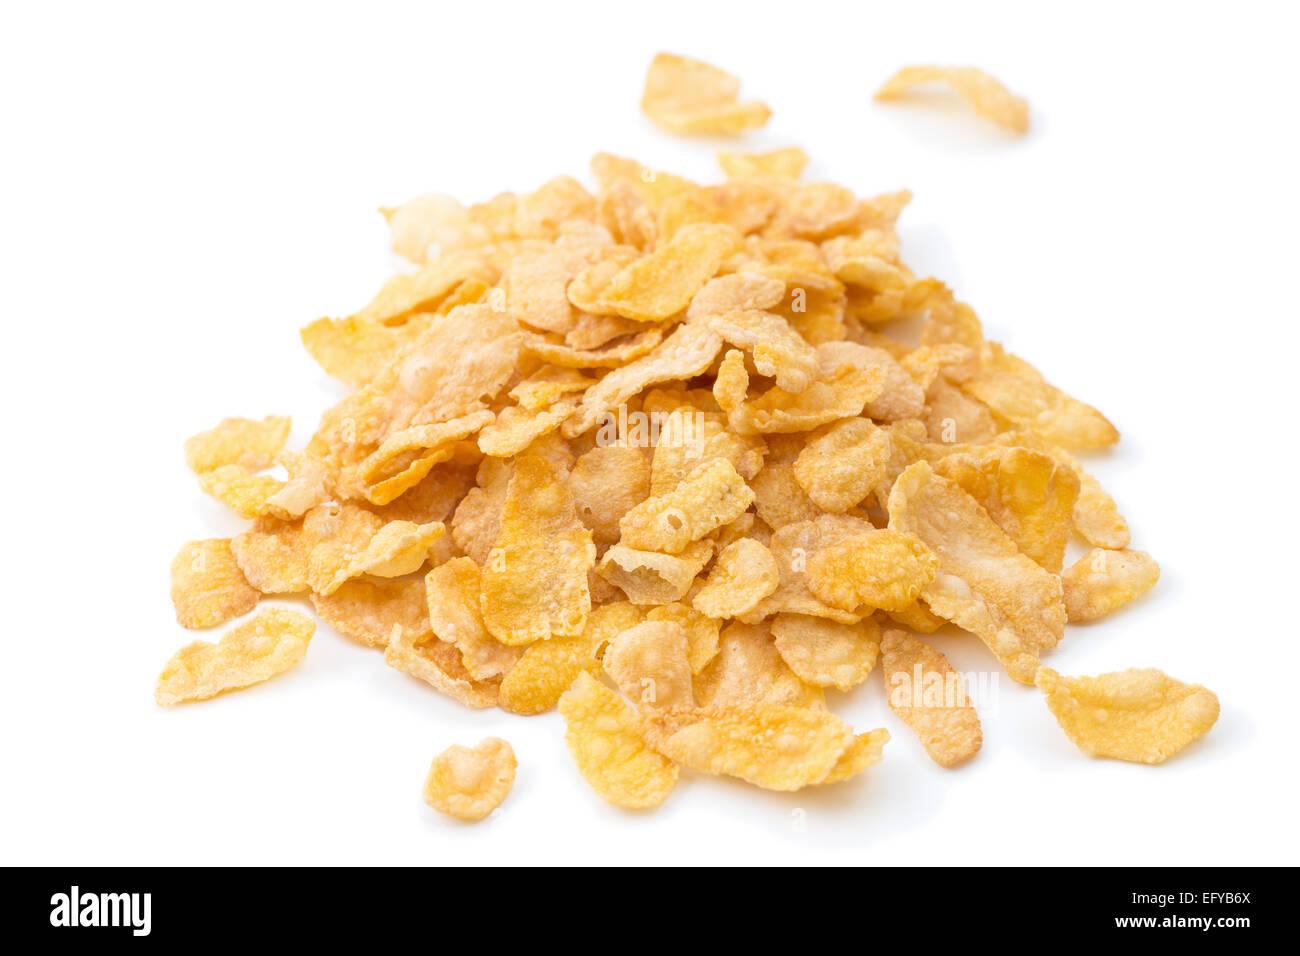 Primer plano de montón de copos de maíz los cereales , aislado sobre fondo blanco. Imagen De Stock